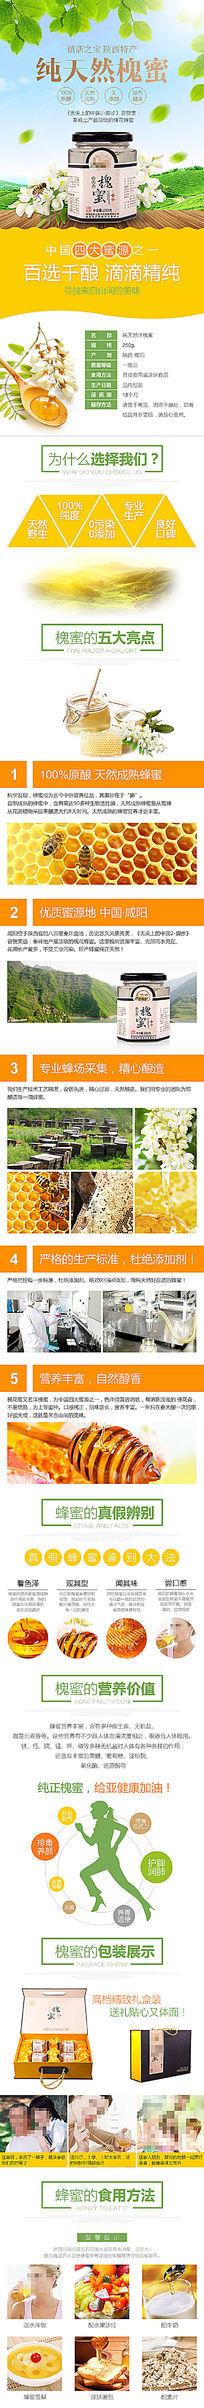 蜂蜜槐花蜜饮品保健品详情页宝贝描述模板 PSD